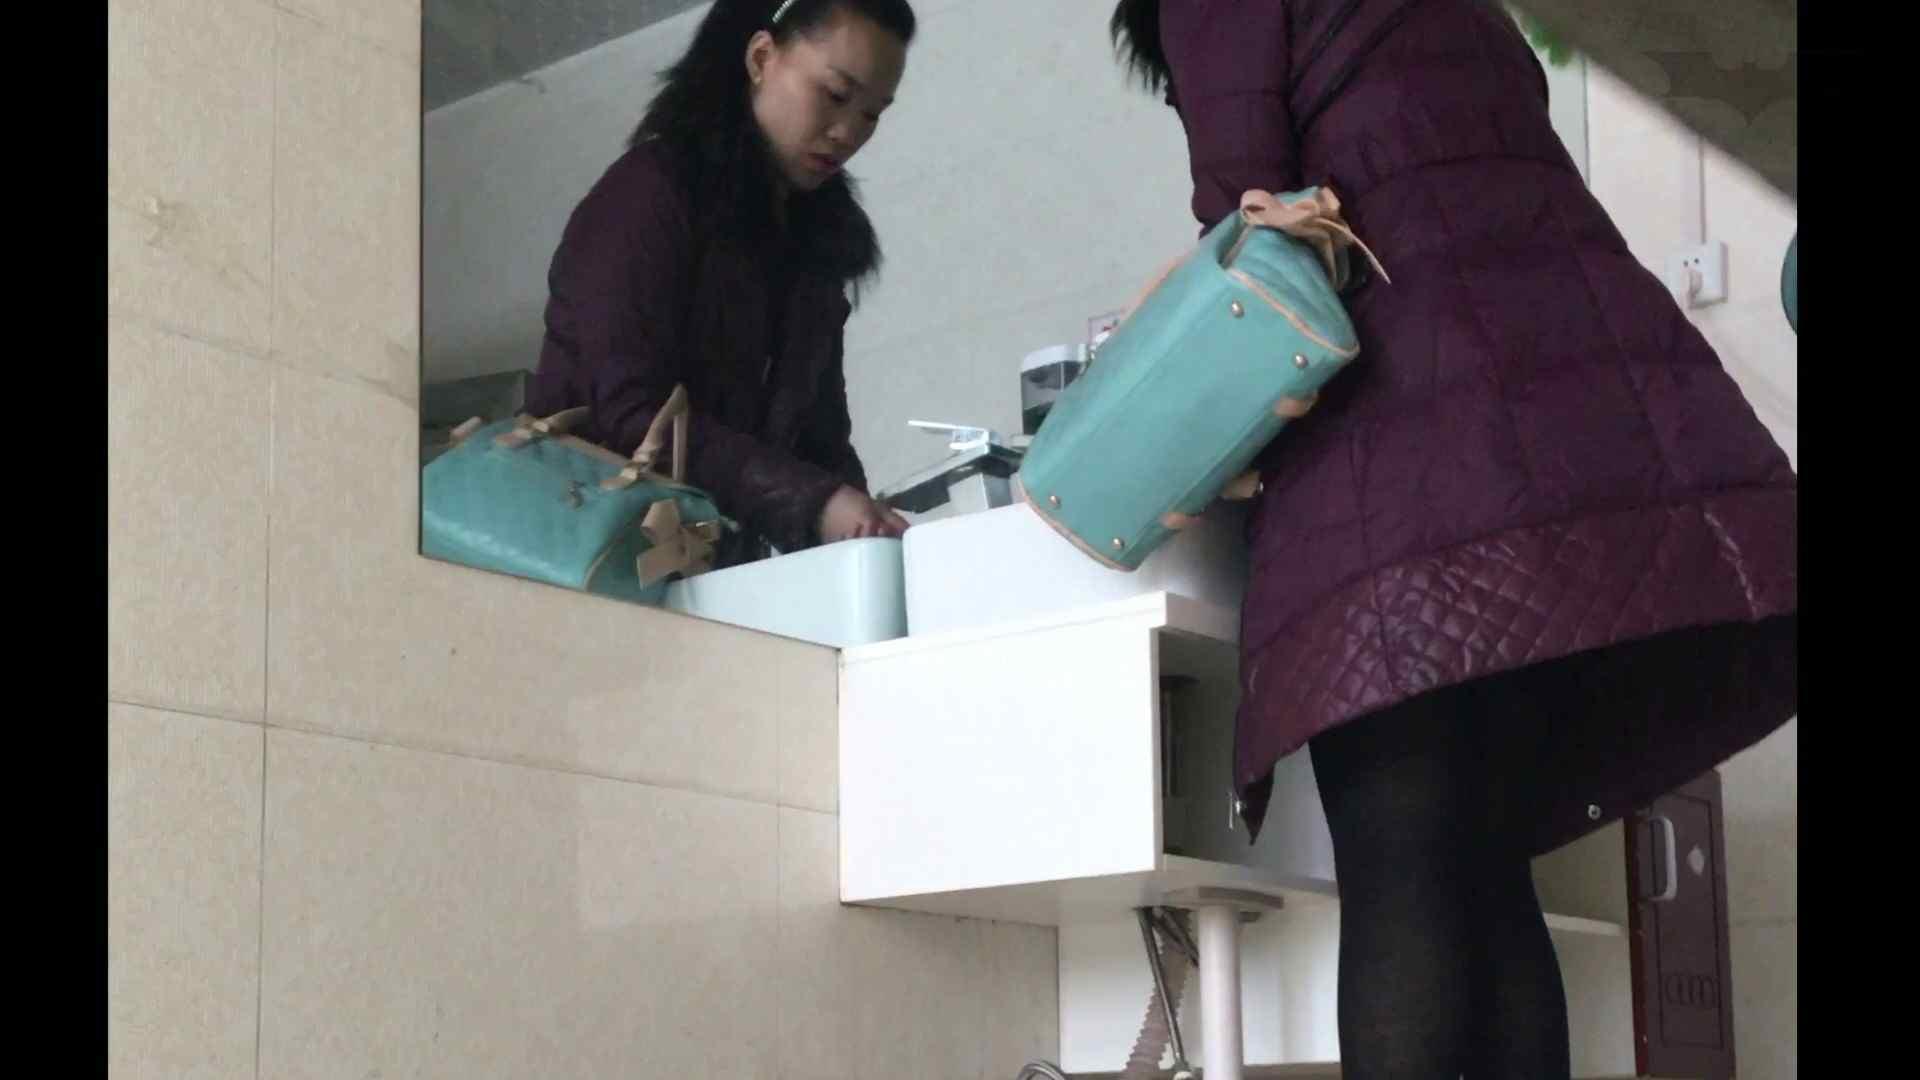 芸術大学ガチ潜入盗撮 JD盗撮 美女の洗面所の秘密 Vol.109 トイレの中の女の子 ヌード画像 93連発 15